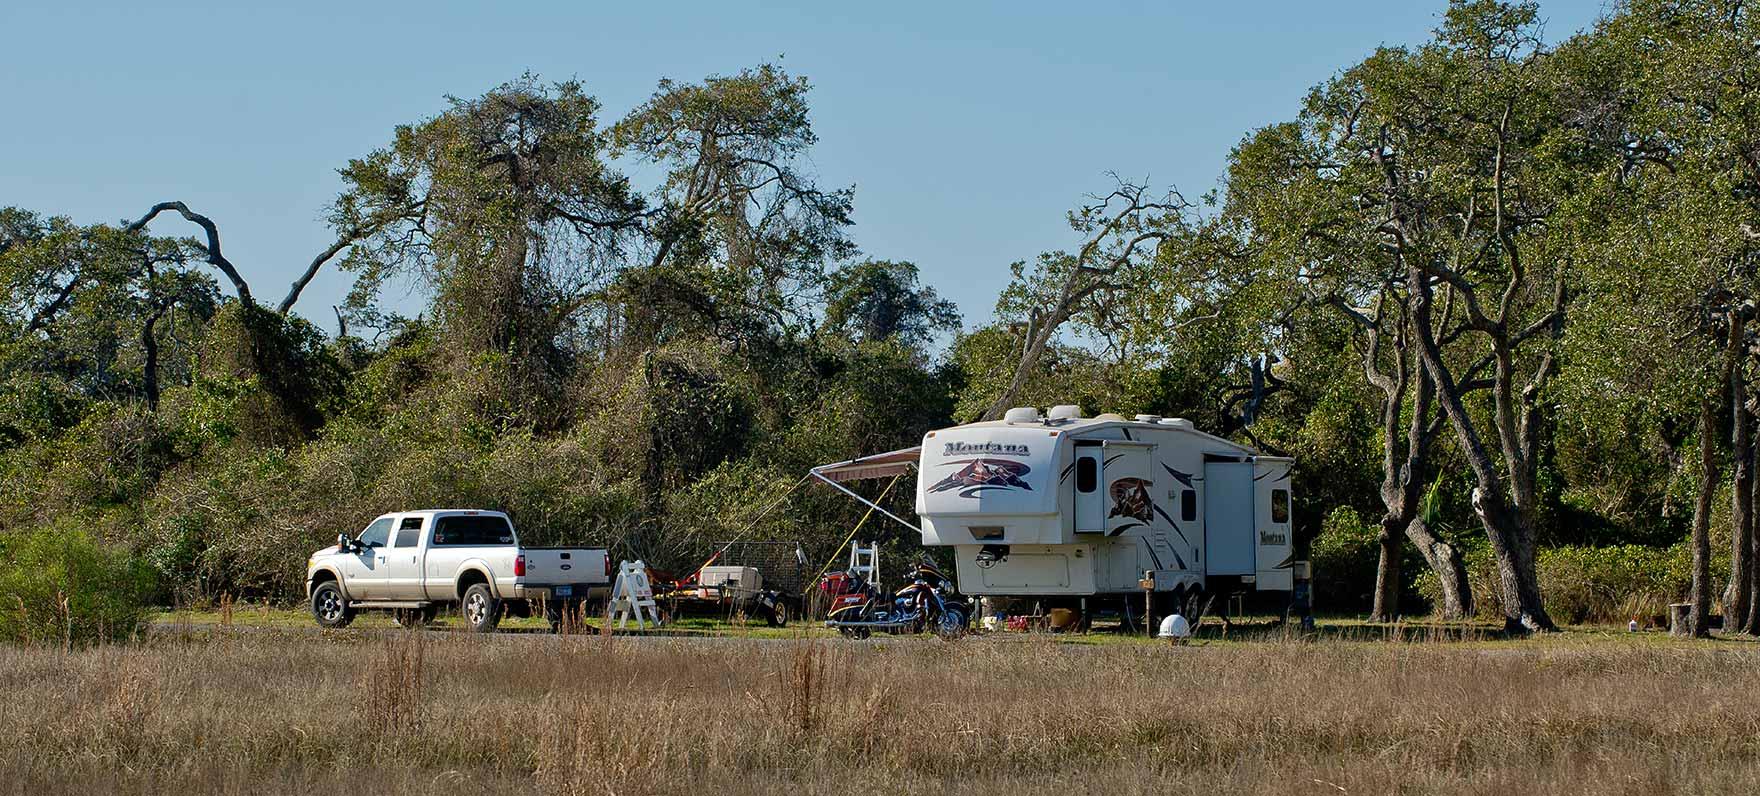 An RV at a Standard Campsite.